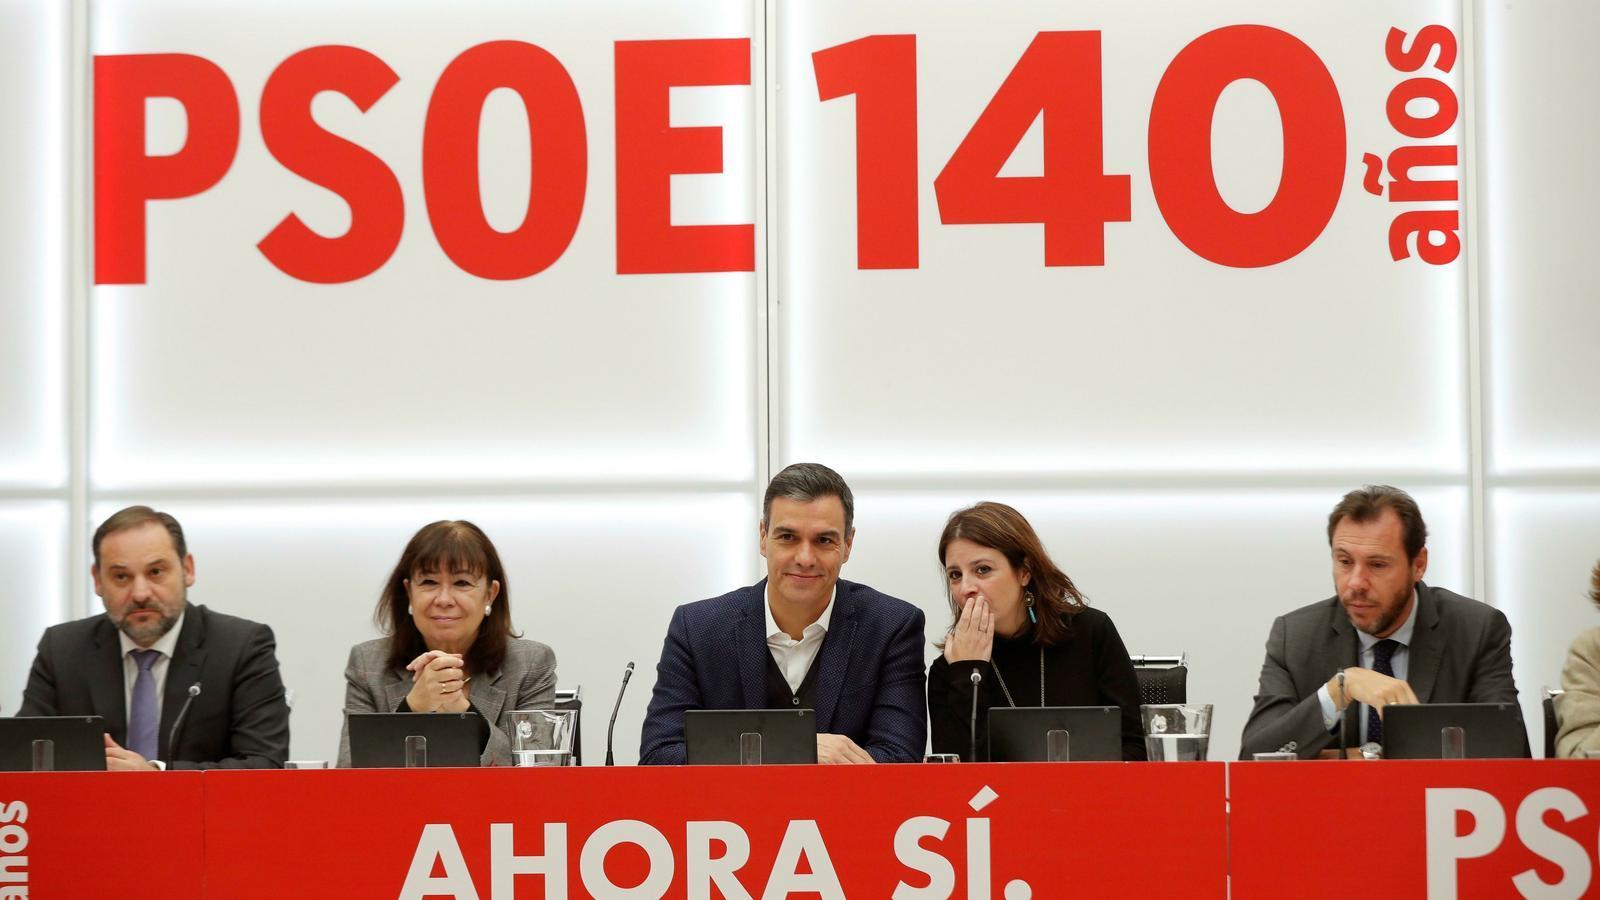 El PSOE rebutja la gran coalició amb el PP i no descarta la investidura amb el 'sí' de Ciutadans